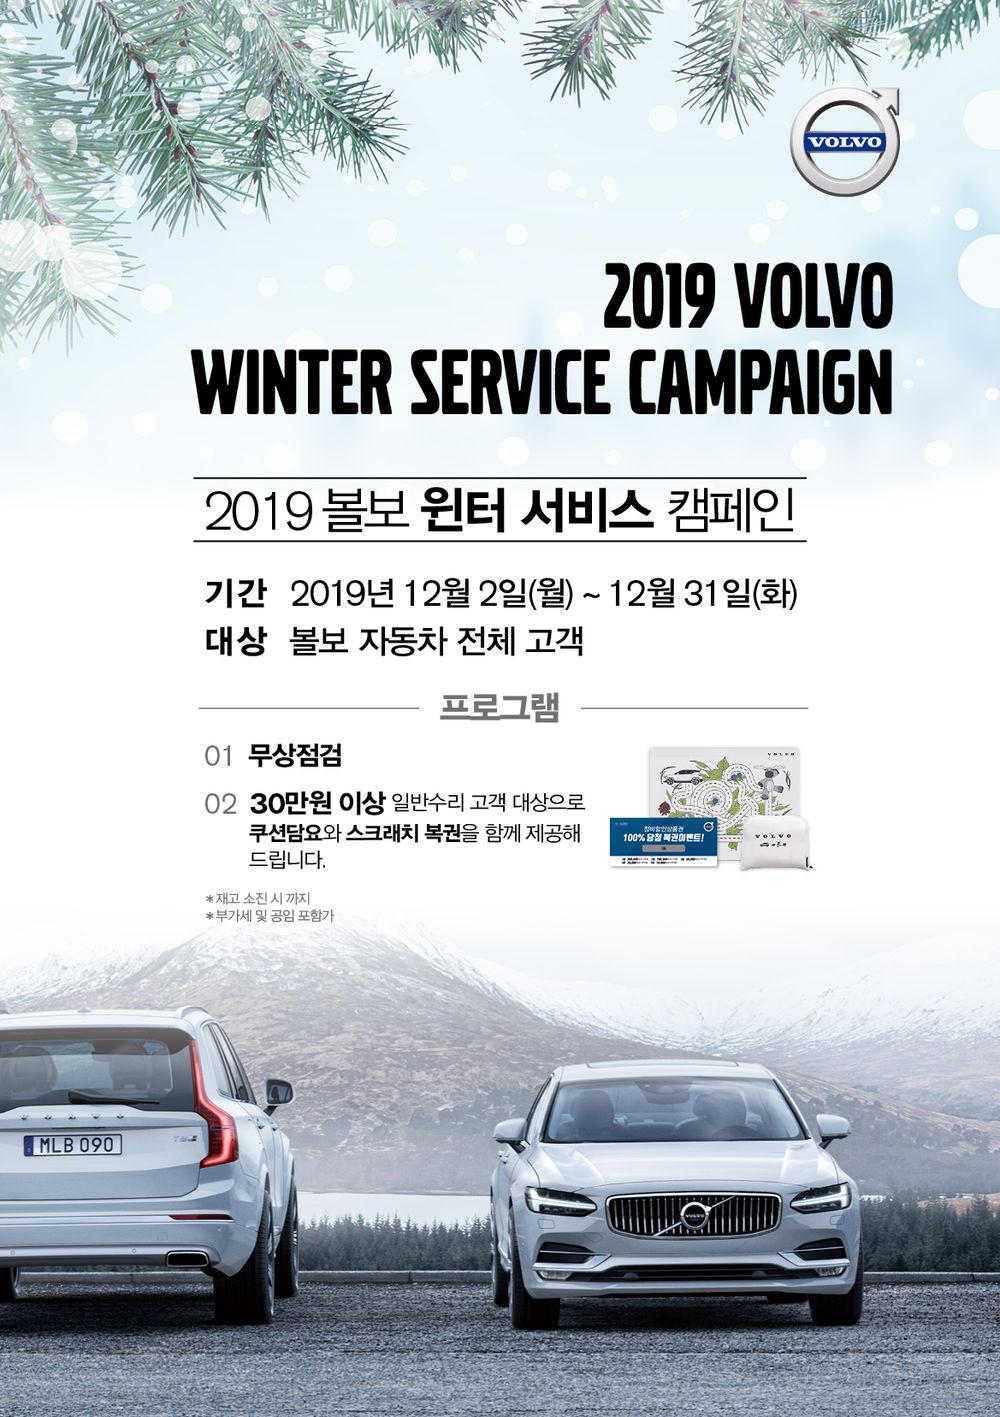 볼보차코리아, 겨울철 무상점검 캠페인 운영